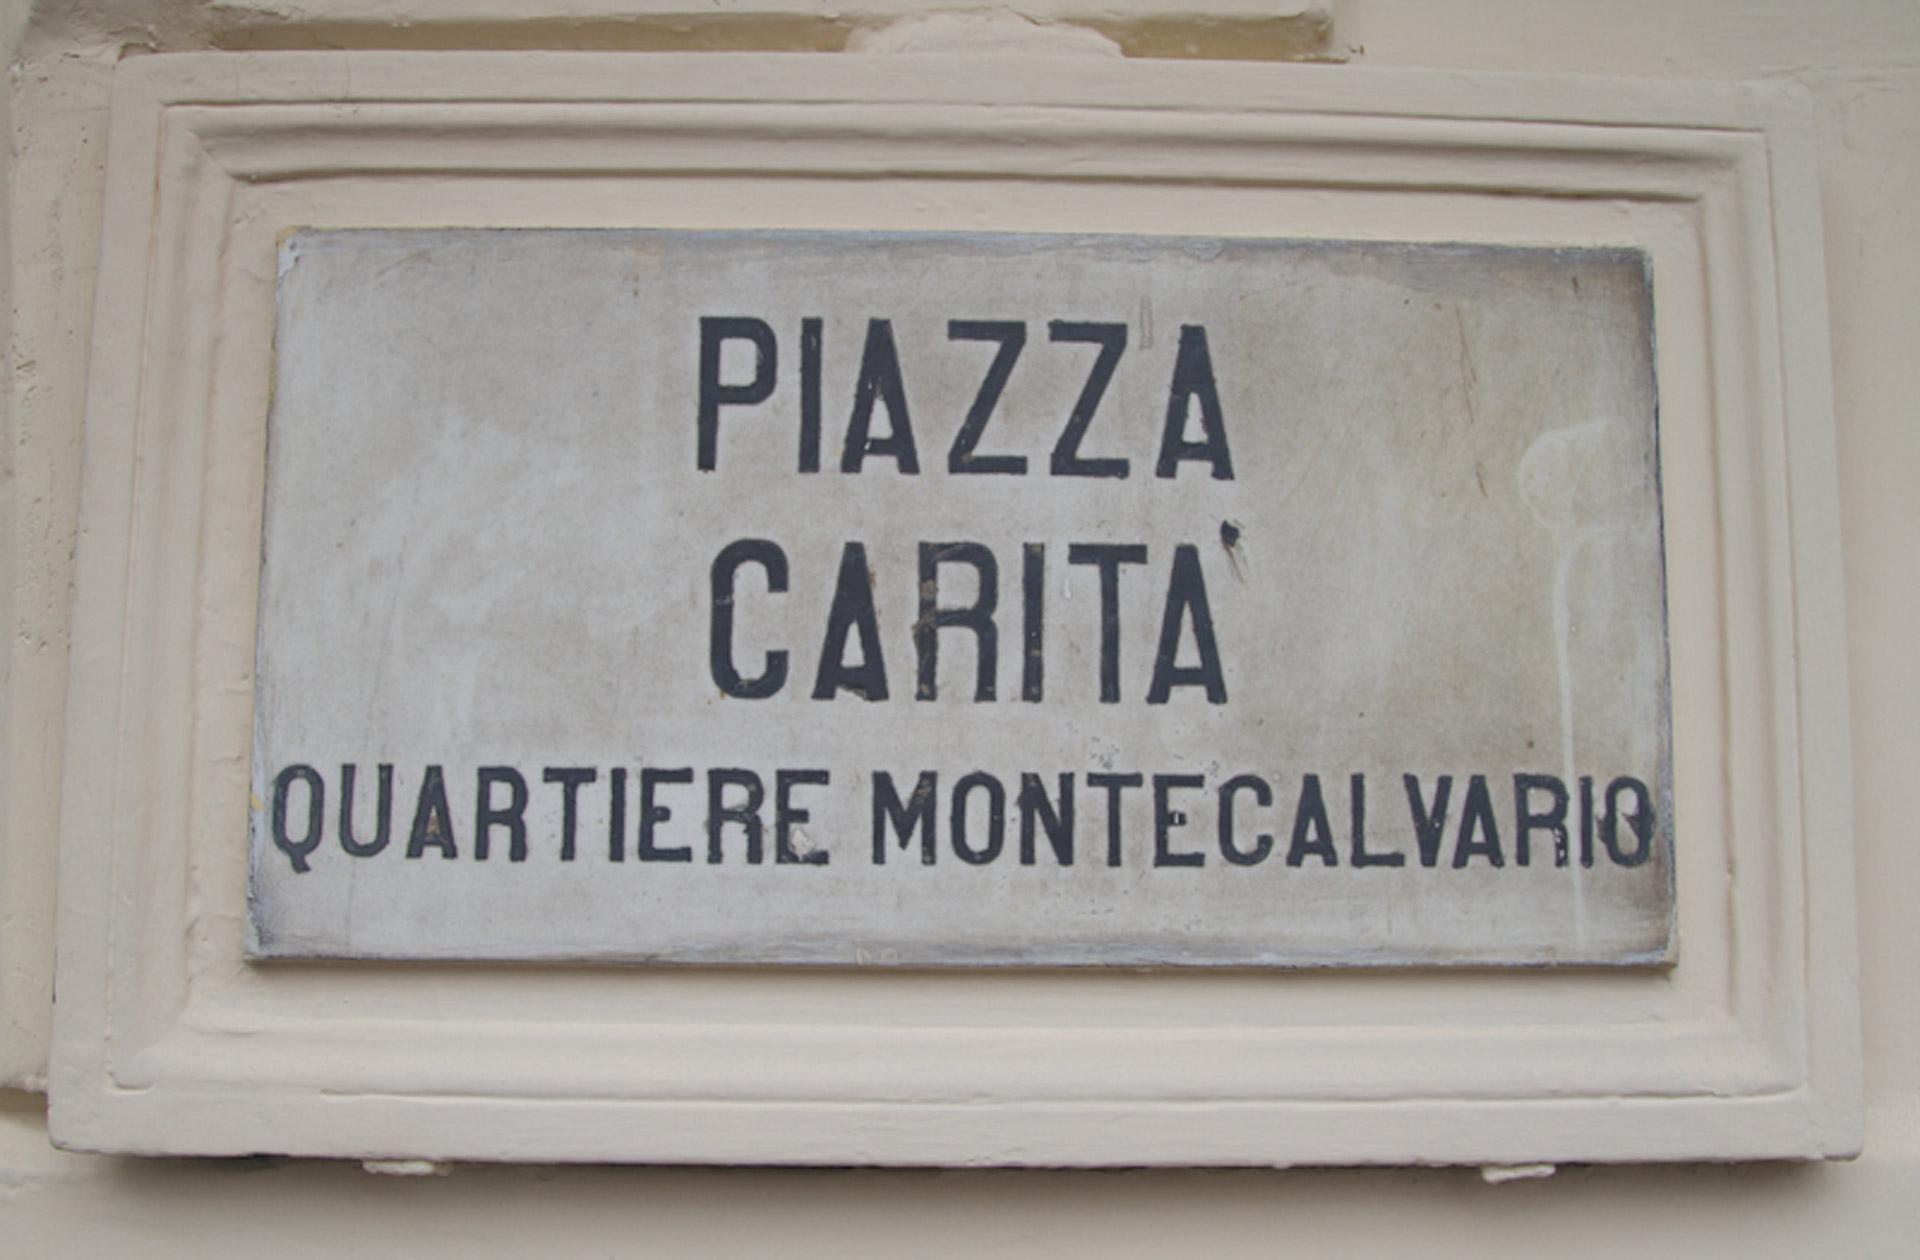 Ristorante Pizzeria Mattozzi a Piazza Carità